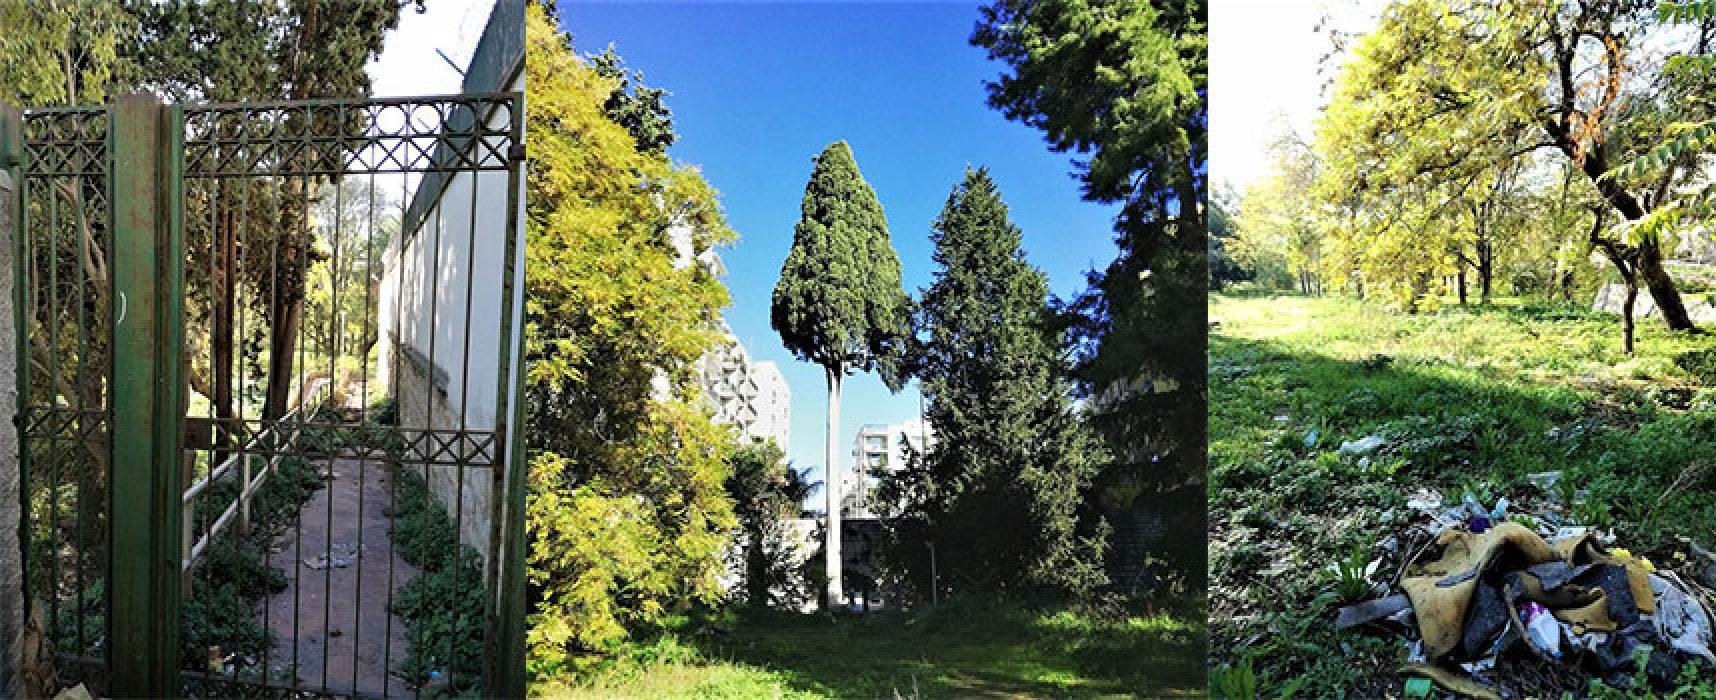 Parco Lama Cappuccini, Comune partecipa a bando regionale per riqualificazione